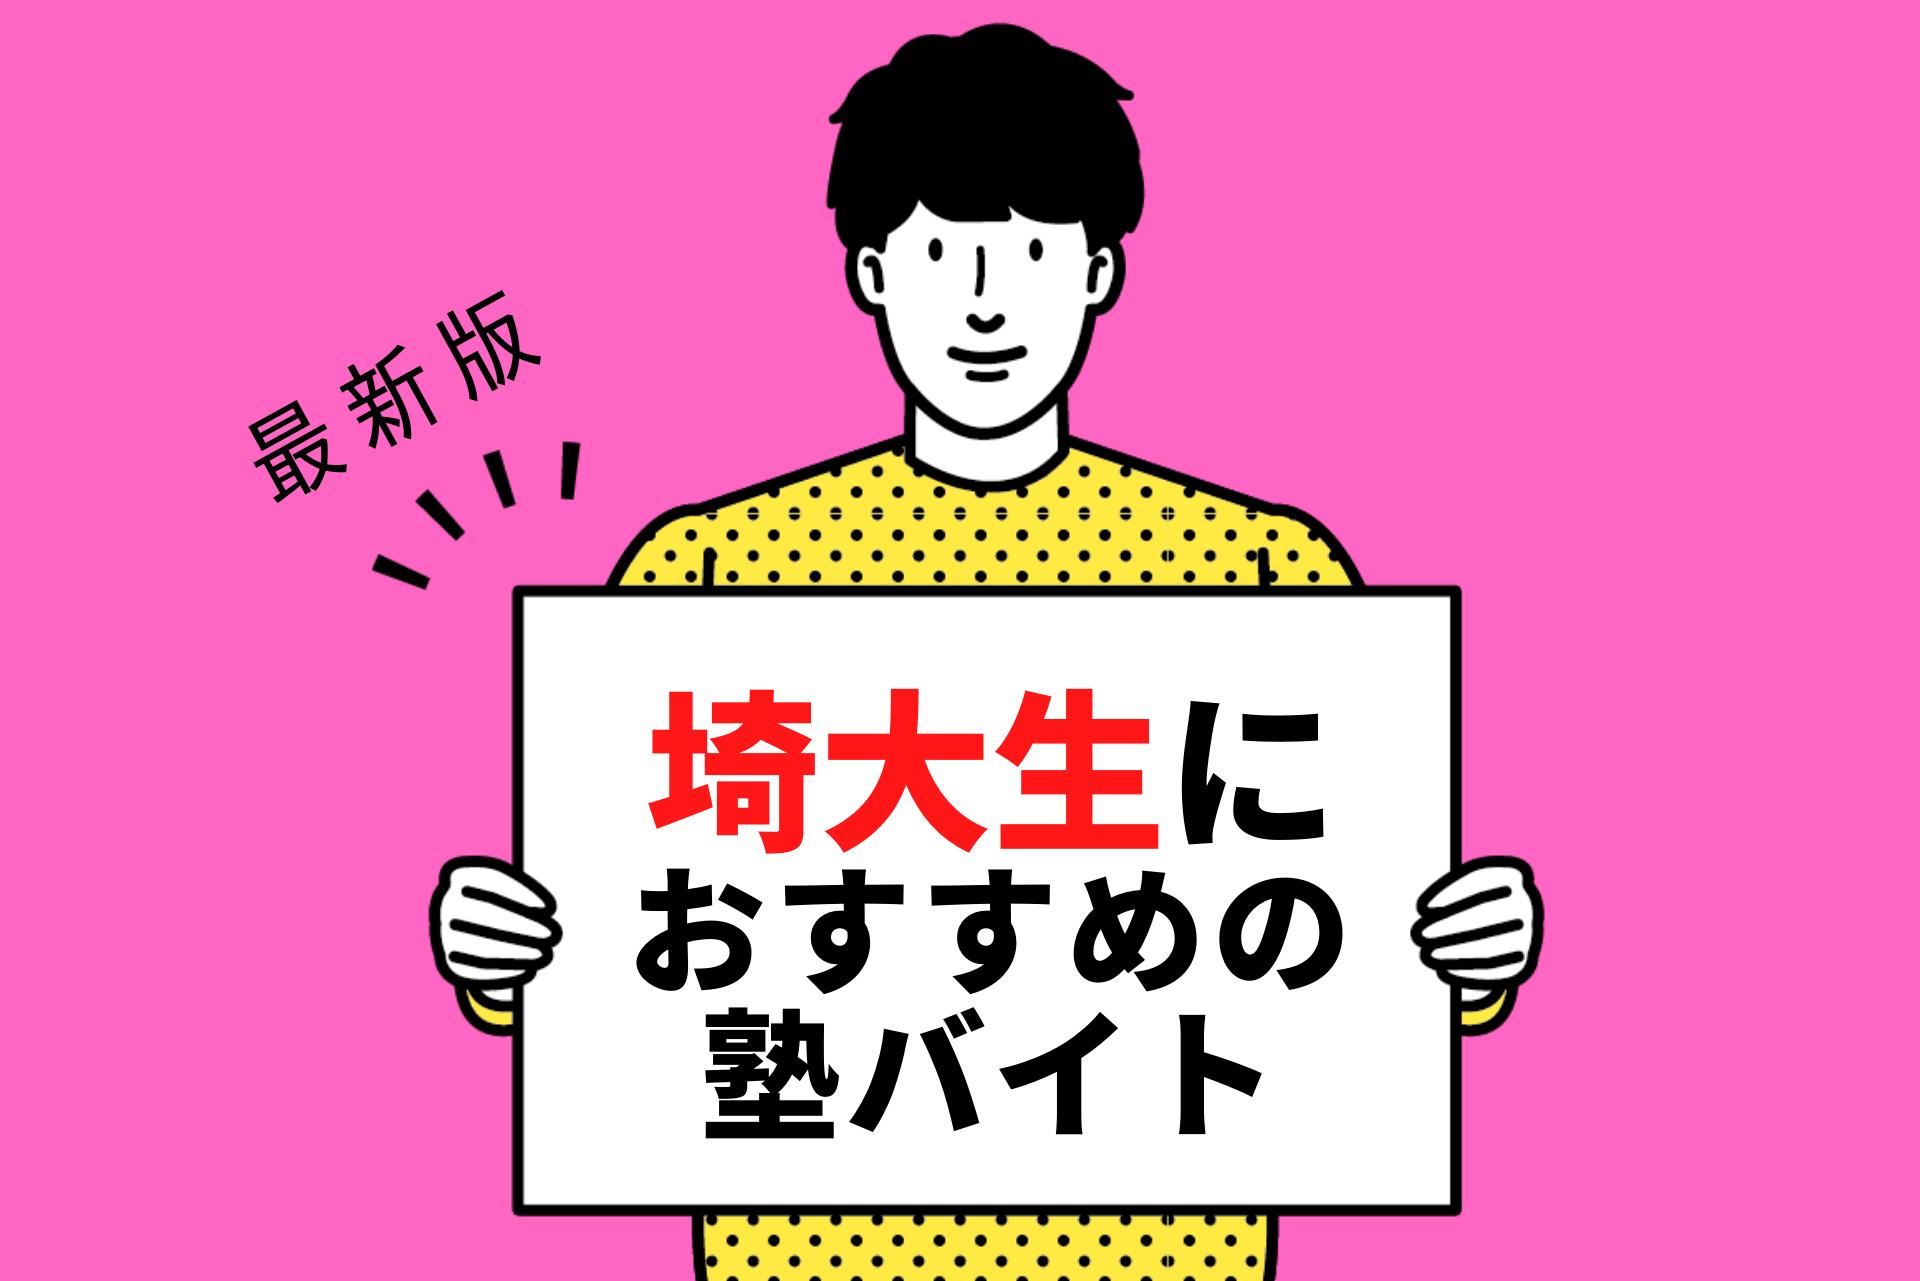 埼玉大学の学生さんにおすすめの塾